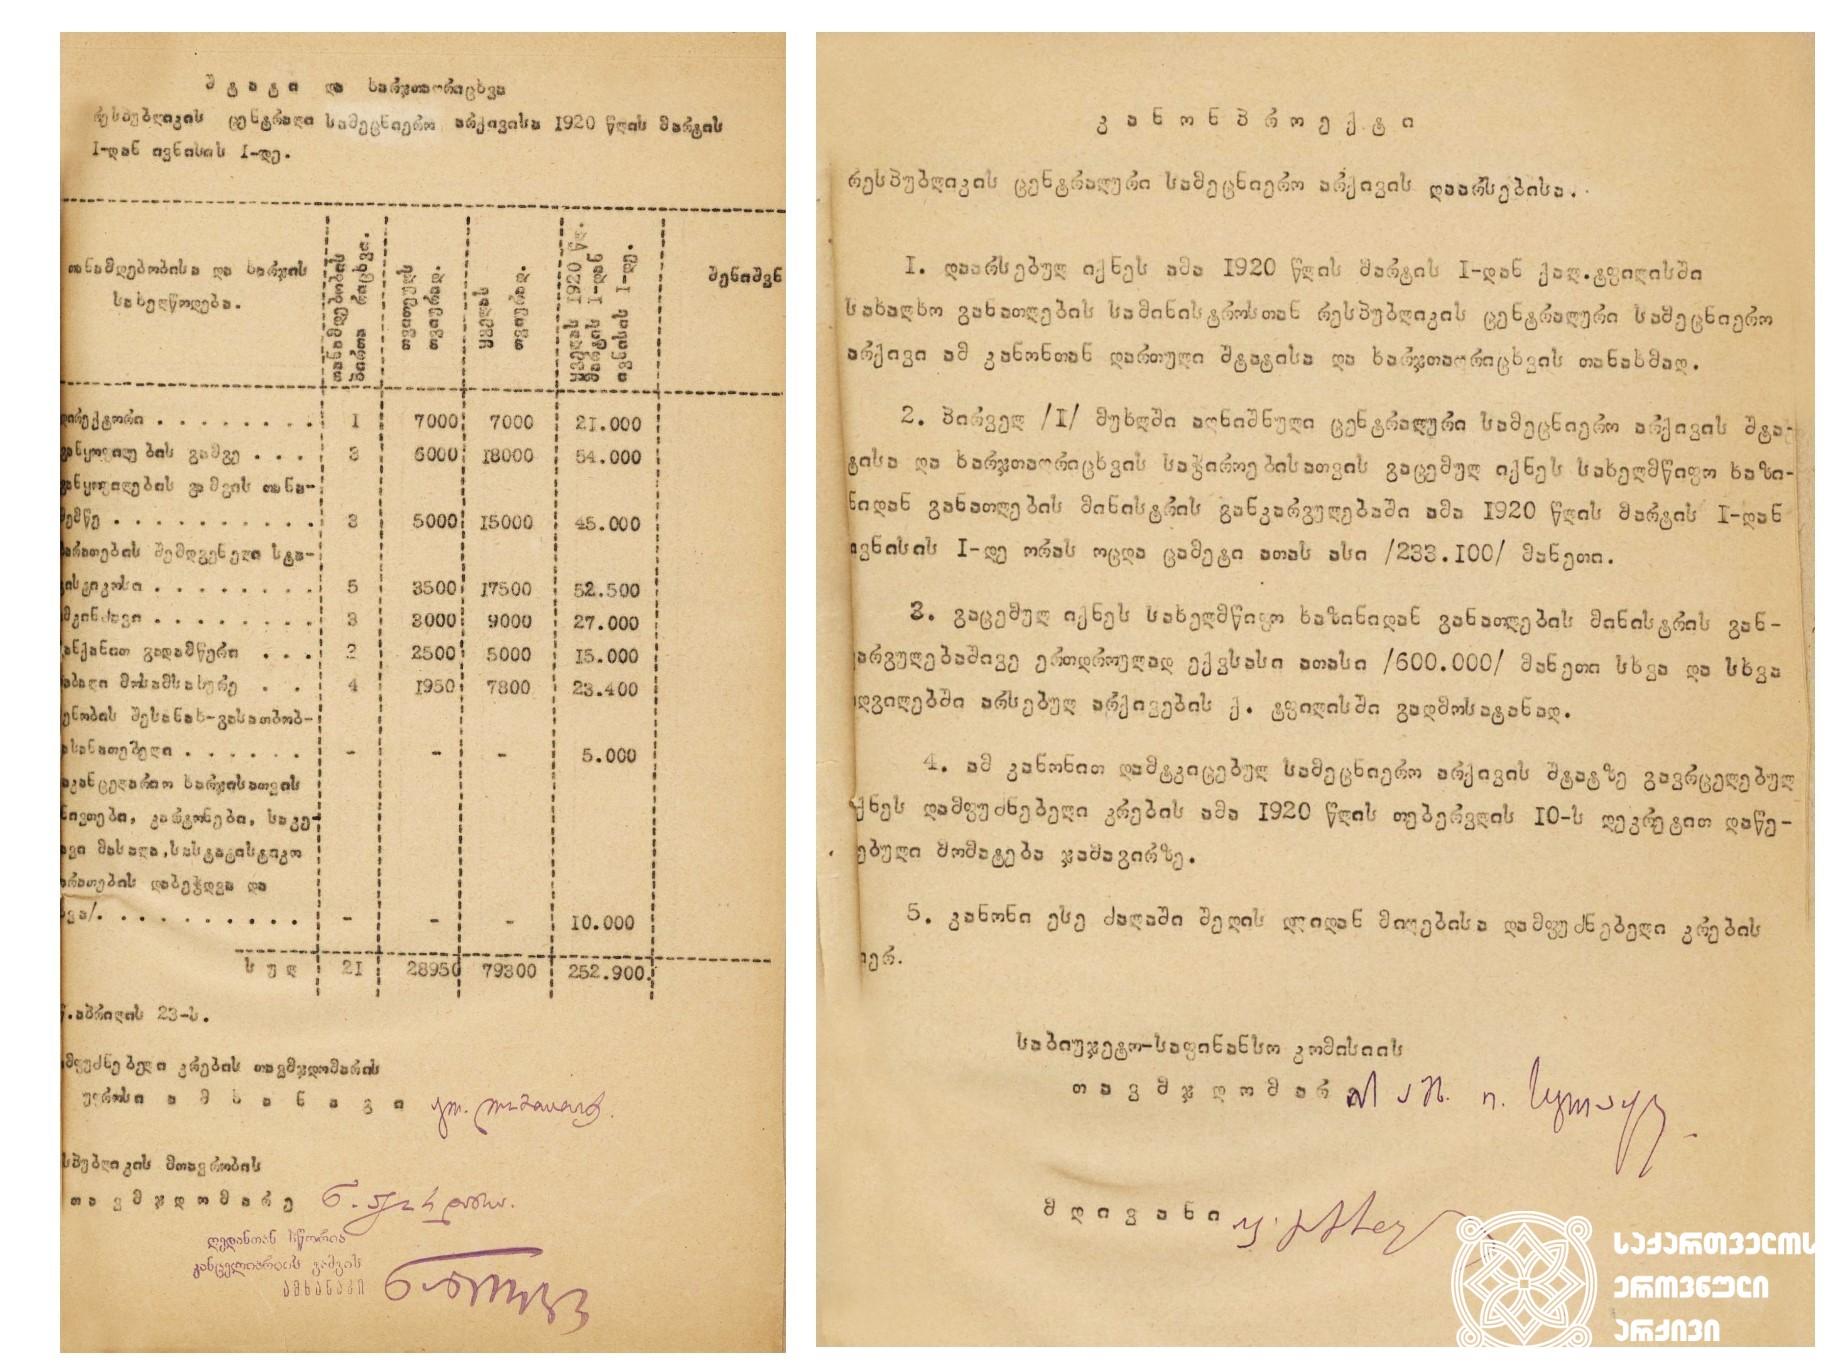 კანონპროექტი რესპუბლიკის ცენტრალური სახელმწიფო არქივის დაარსების შესახებ, ასევე შტატი და ხარჯთაღრიცხვა ცენტრალური სამეცნიერო არქივისა 1920 წლის პირველი მარტიდან პირველ ივნისამდე. <br> 1920 წელი. <br> Draft law on the establishment of the central state archives, as well as permanent staff and budget of the central scientific archives from the first of March to the first of June 1920. <br> 1920